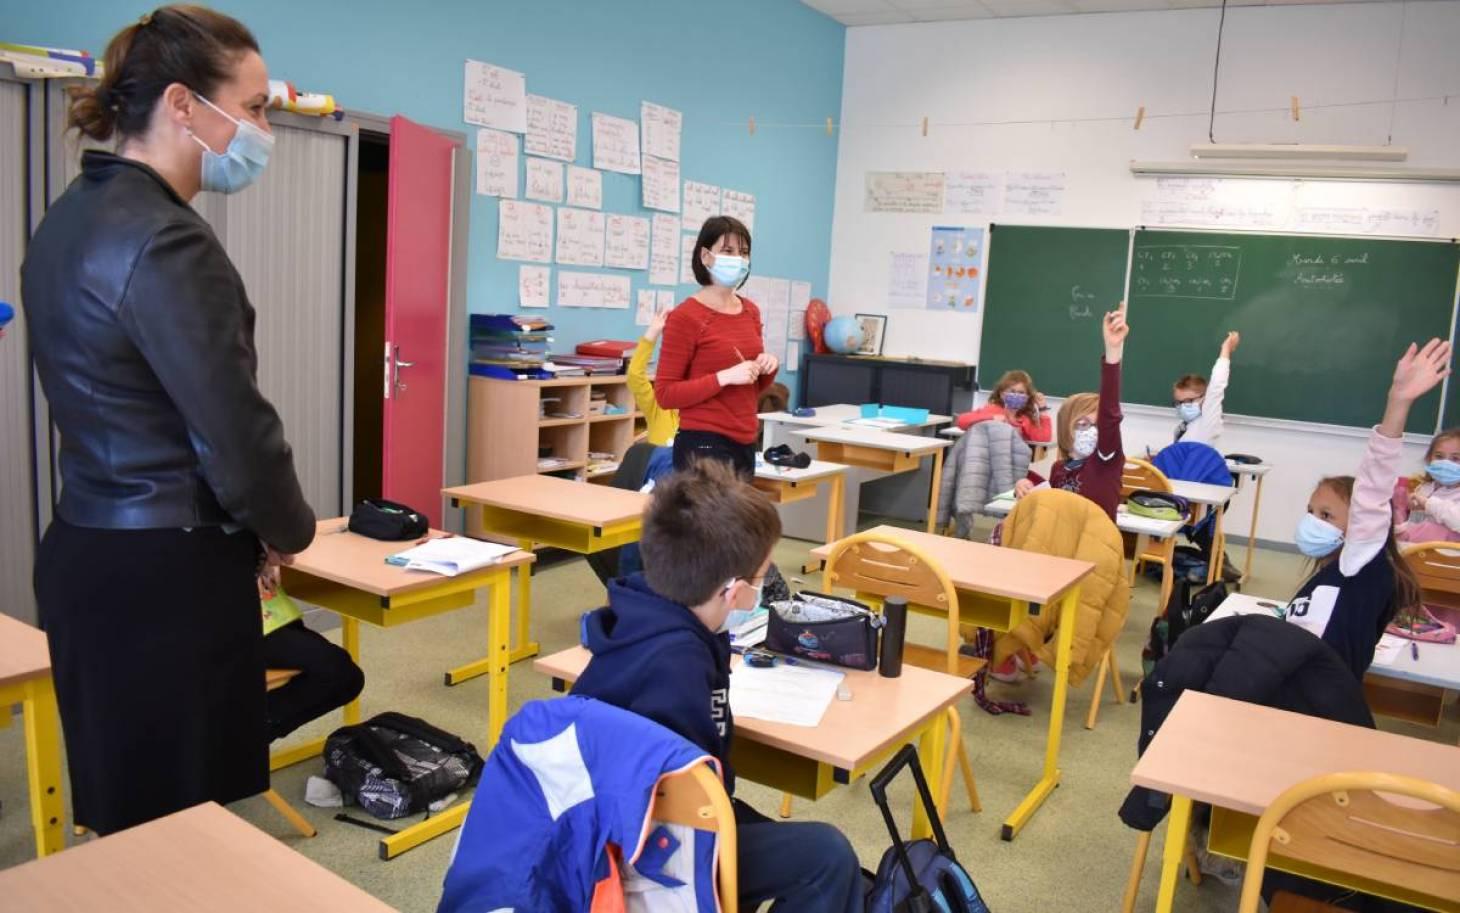 Ecole - Près de 1 680 élèves de maternelle et élémentaire en présentiel